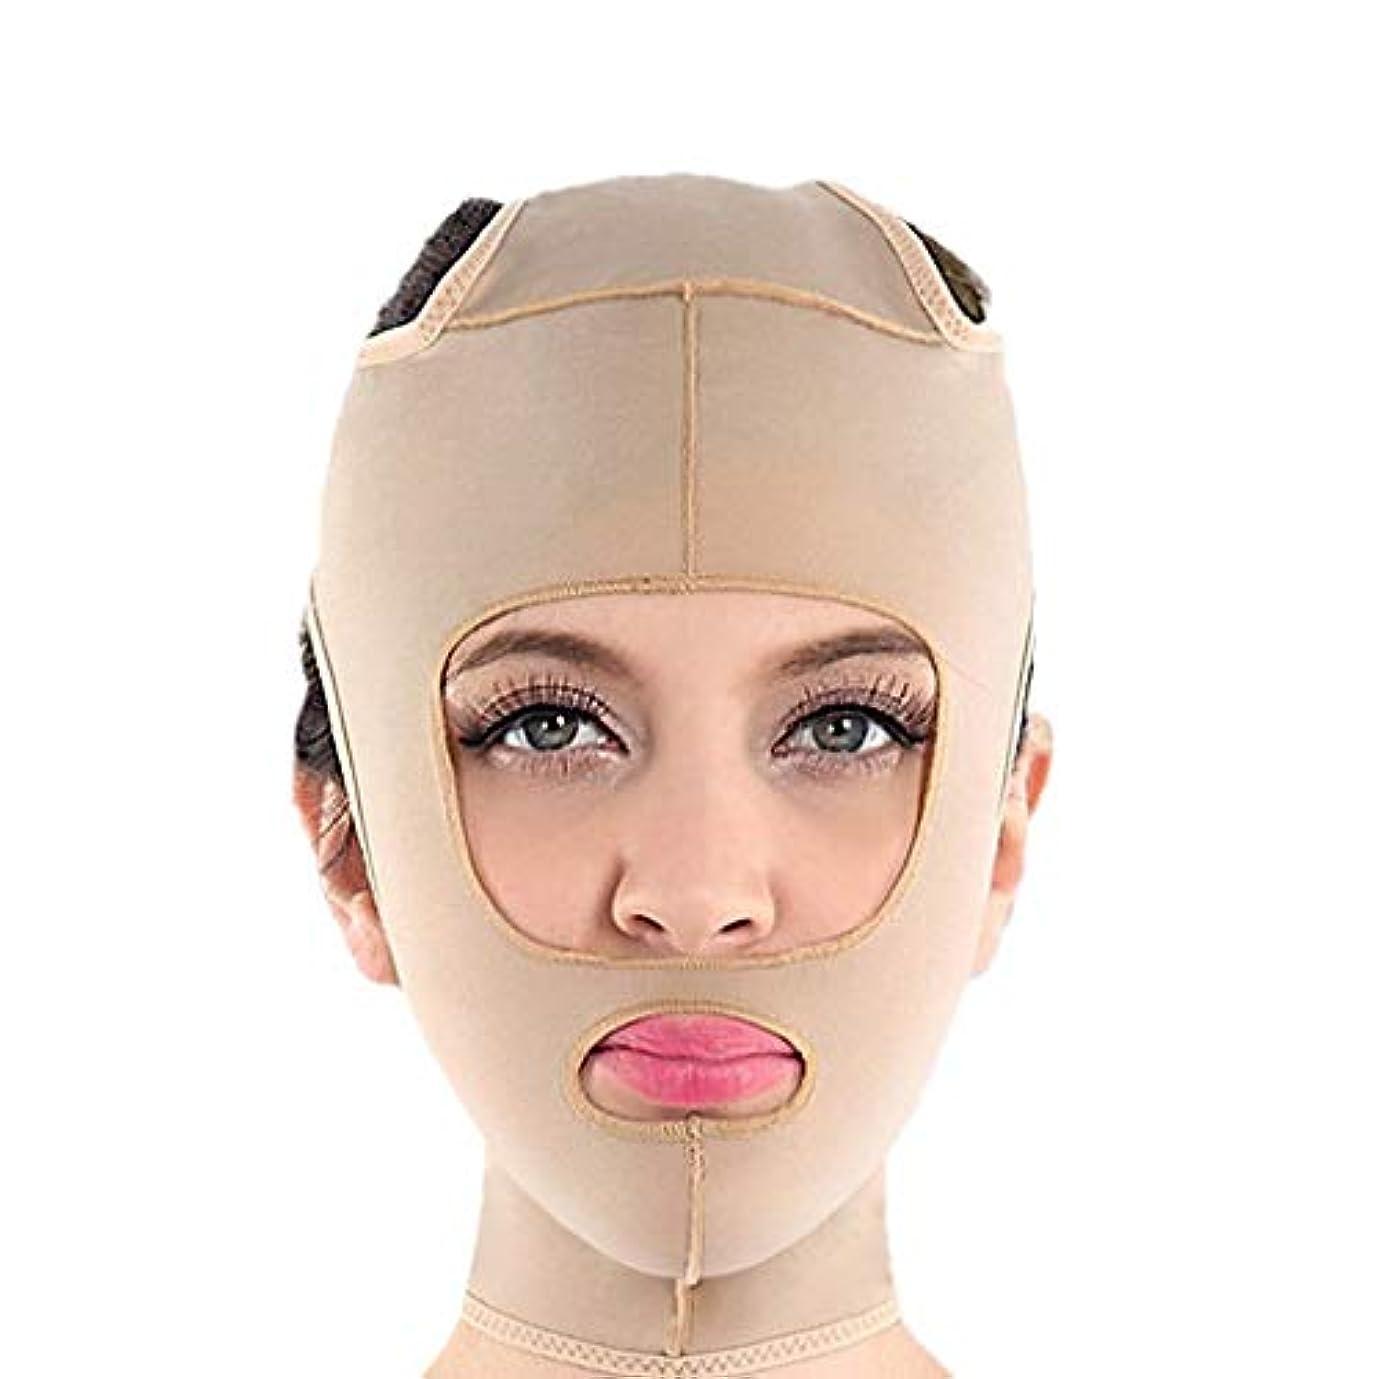 シーケンス教師の日スマッシュフェイスリフティング、ダブルチンストラップ、フェイシャル減量マスク、ダブルチンを減らすリフティングヌードル、ファーミングフェイス、パワフルリフティングマスク(サイズ:M),S